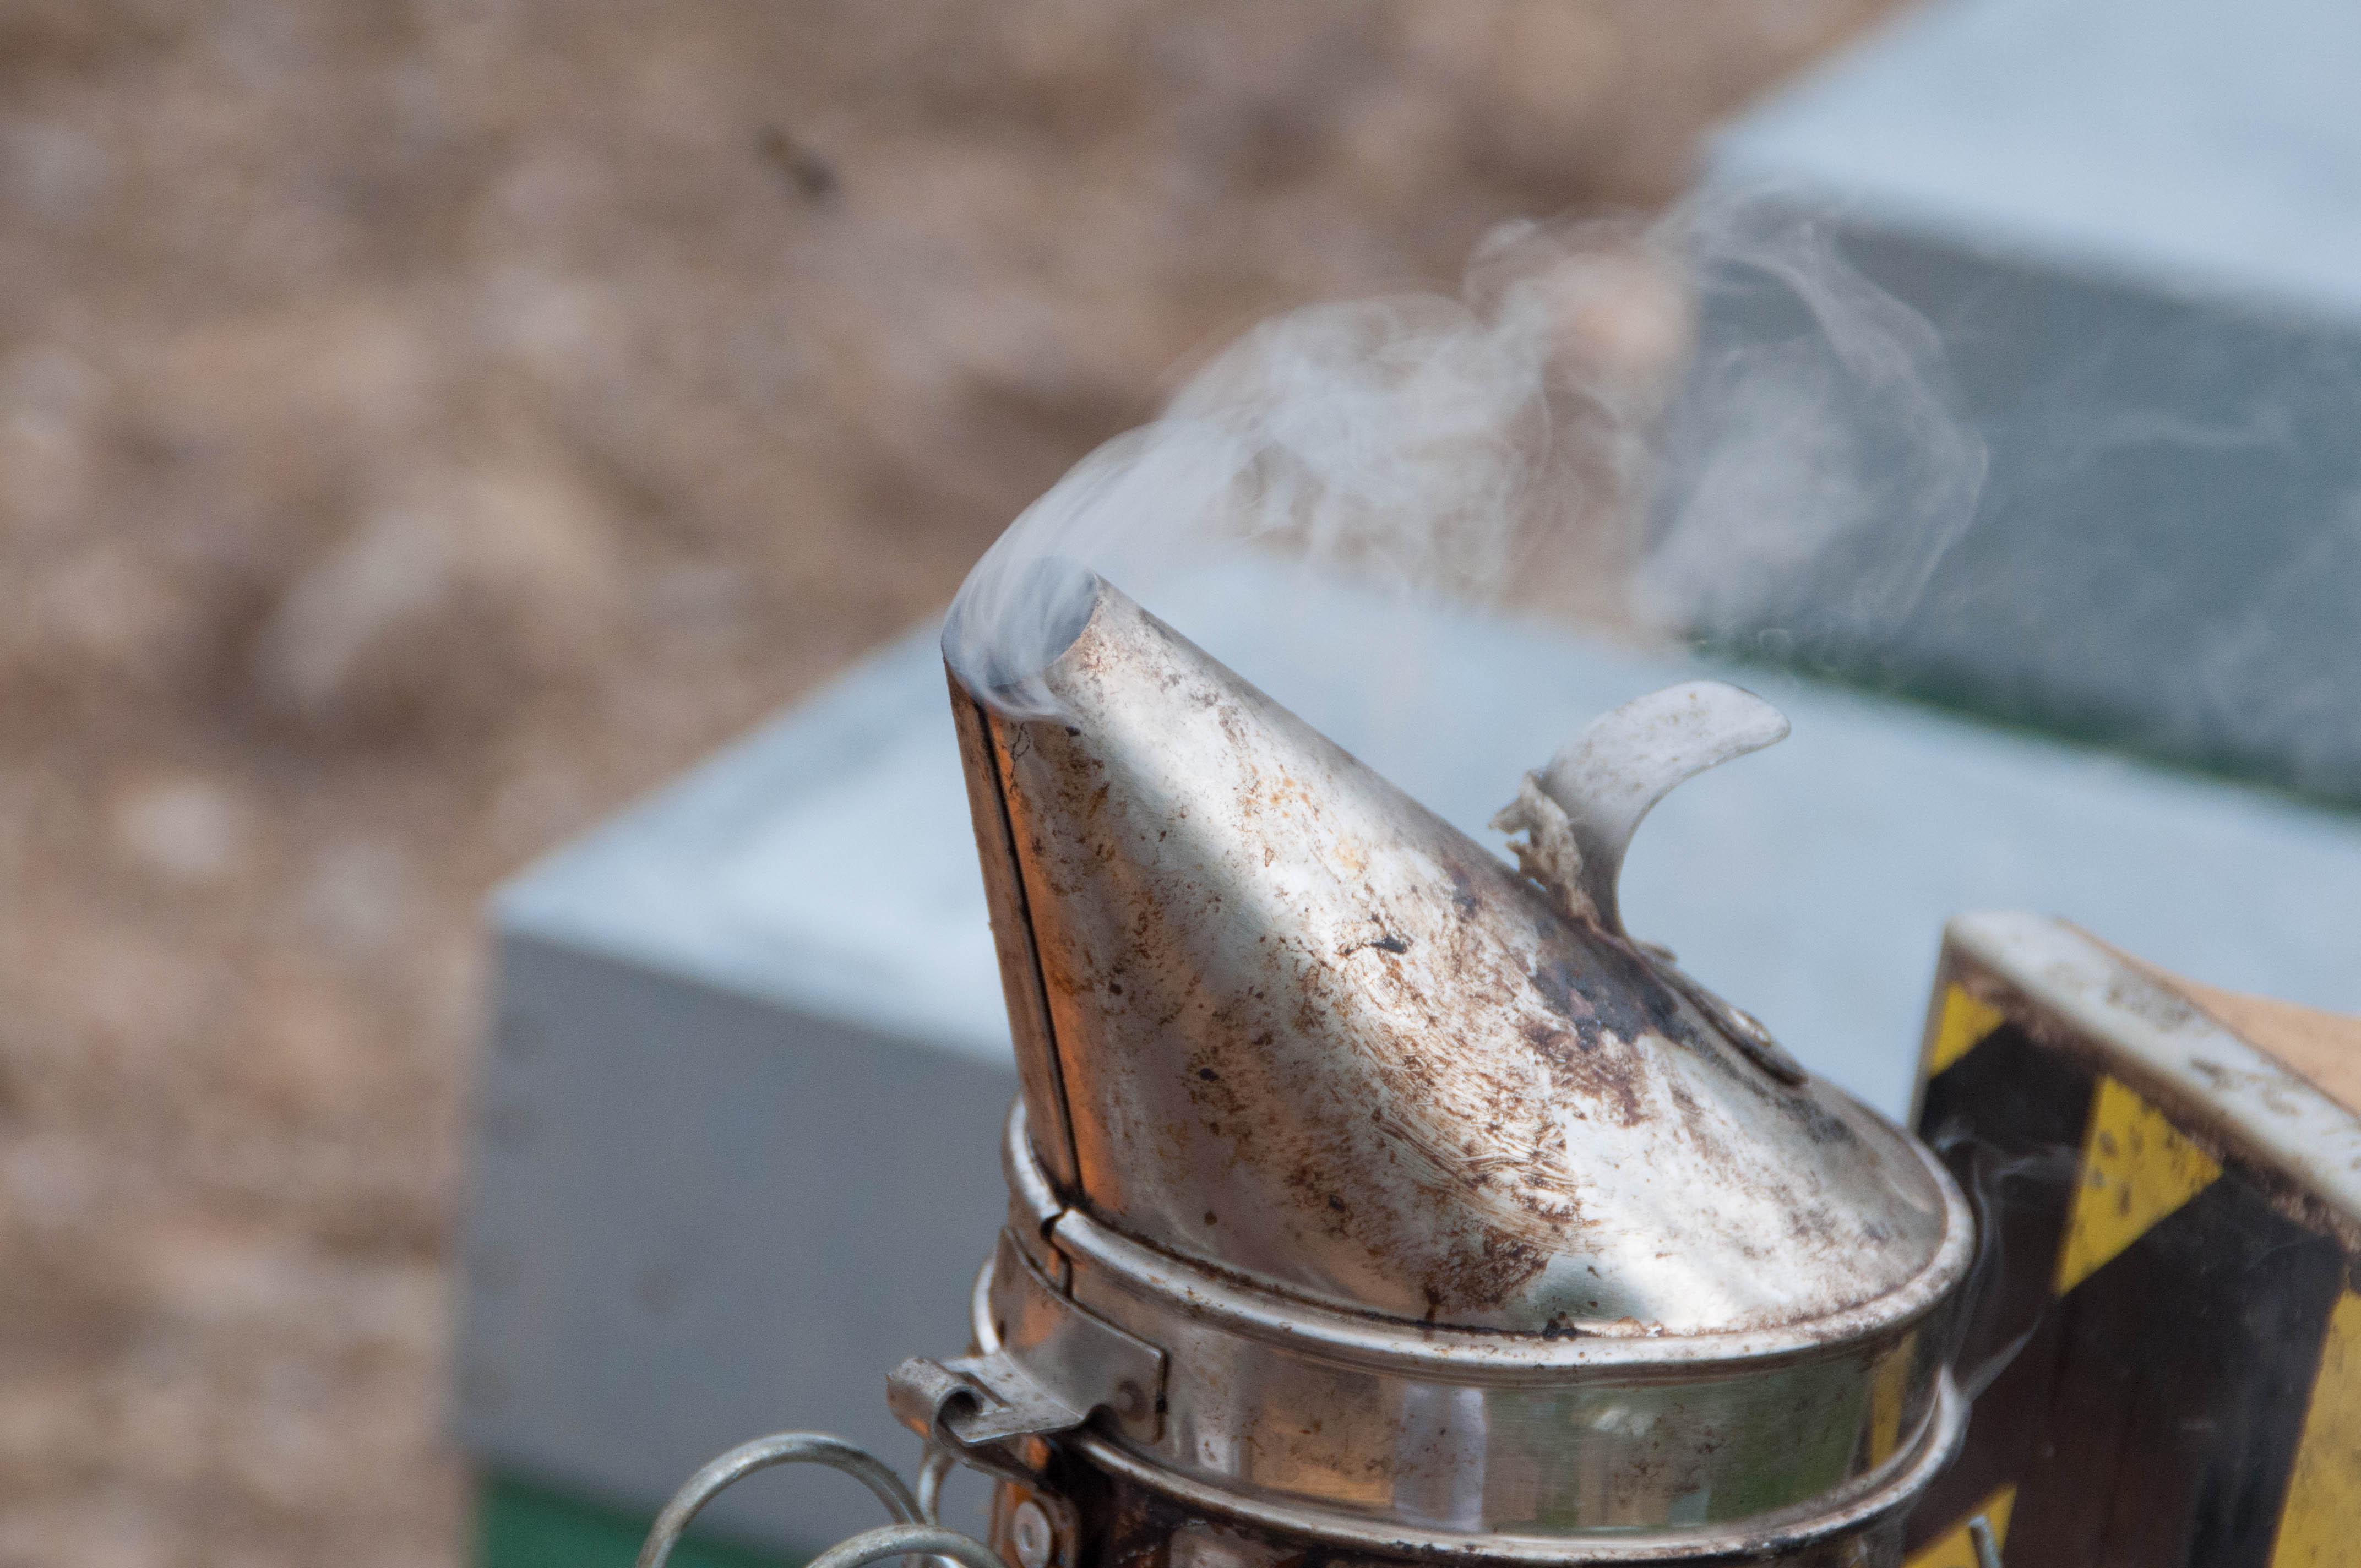 ahumador política medioambiental las obreras de aliste miel